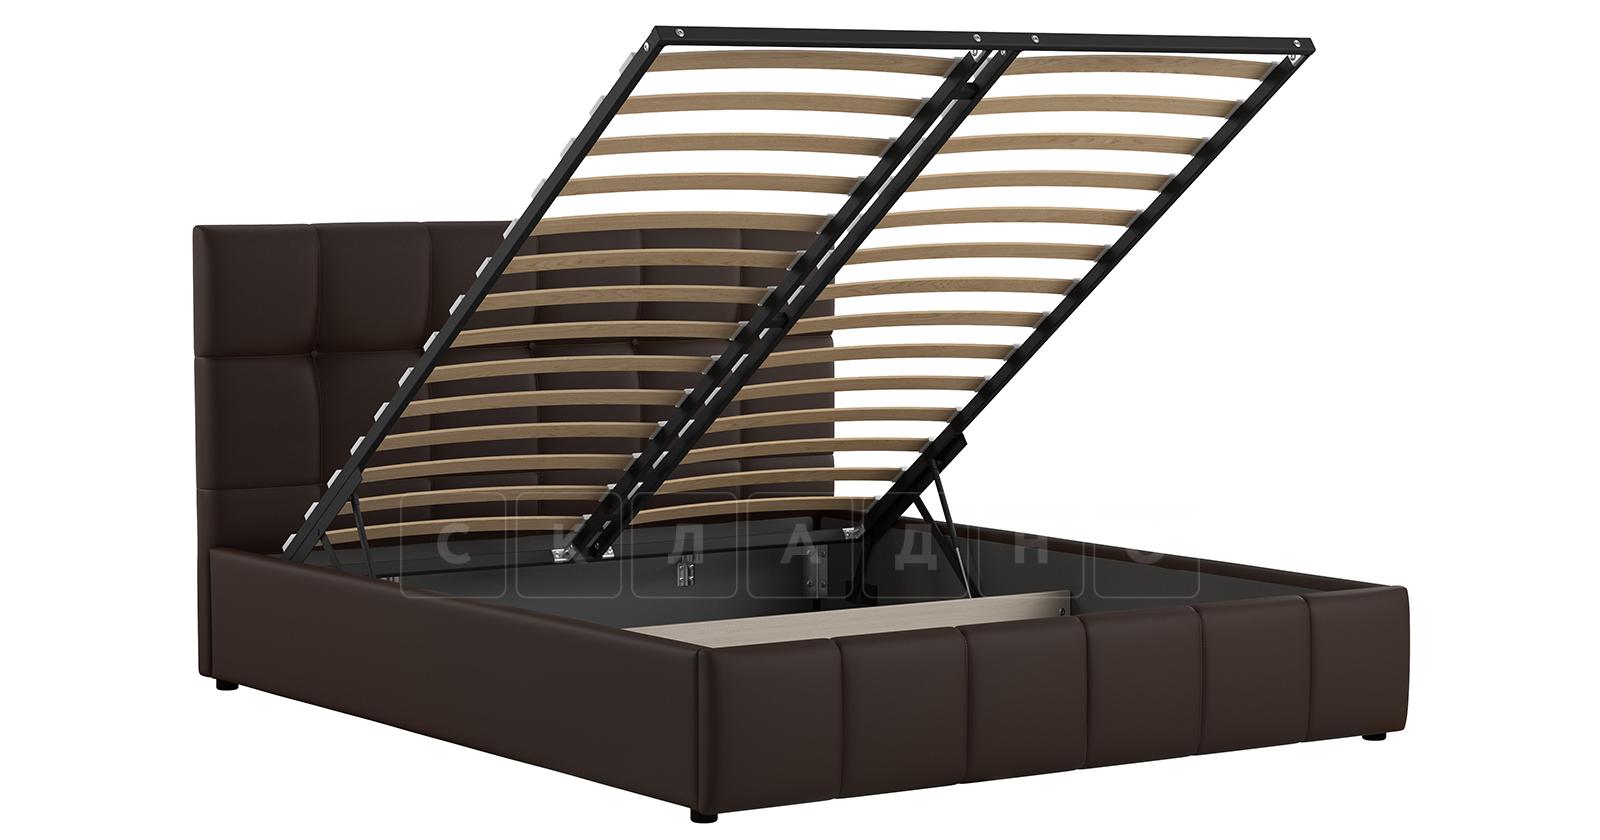 Мягкая кровать Хлоя 160 см шоколад с подъемным механизмом фото 3 | интернет-магазин Складно